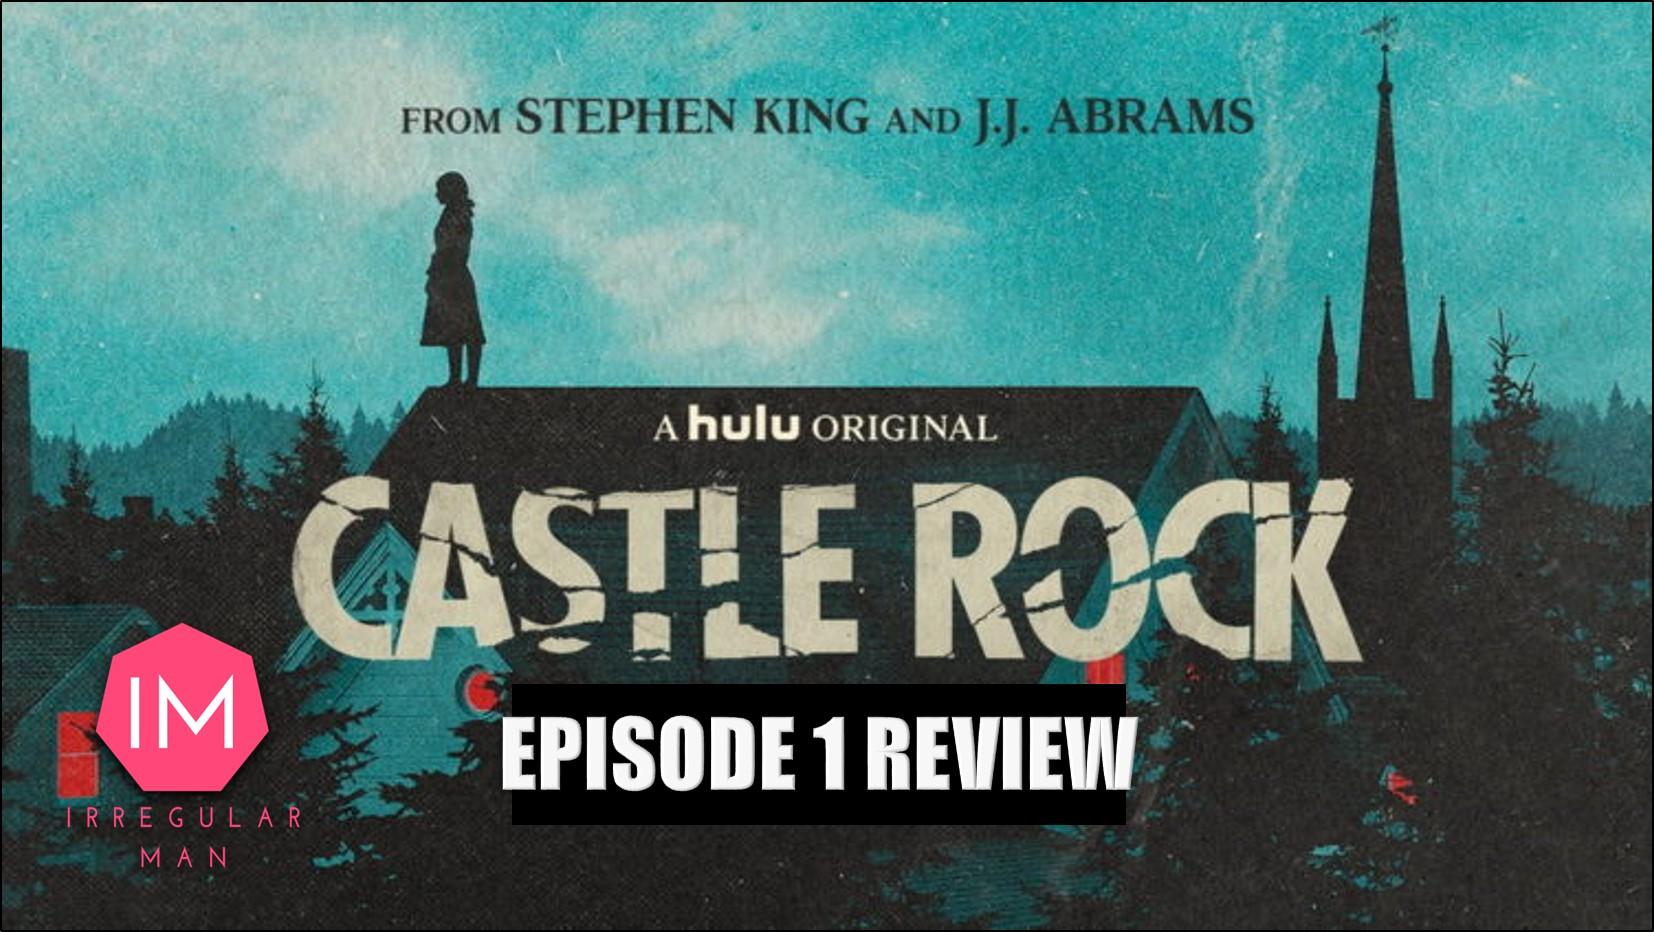 castle rock episode 1.jpg